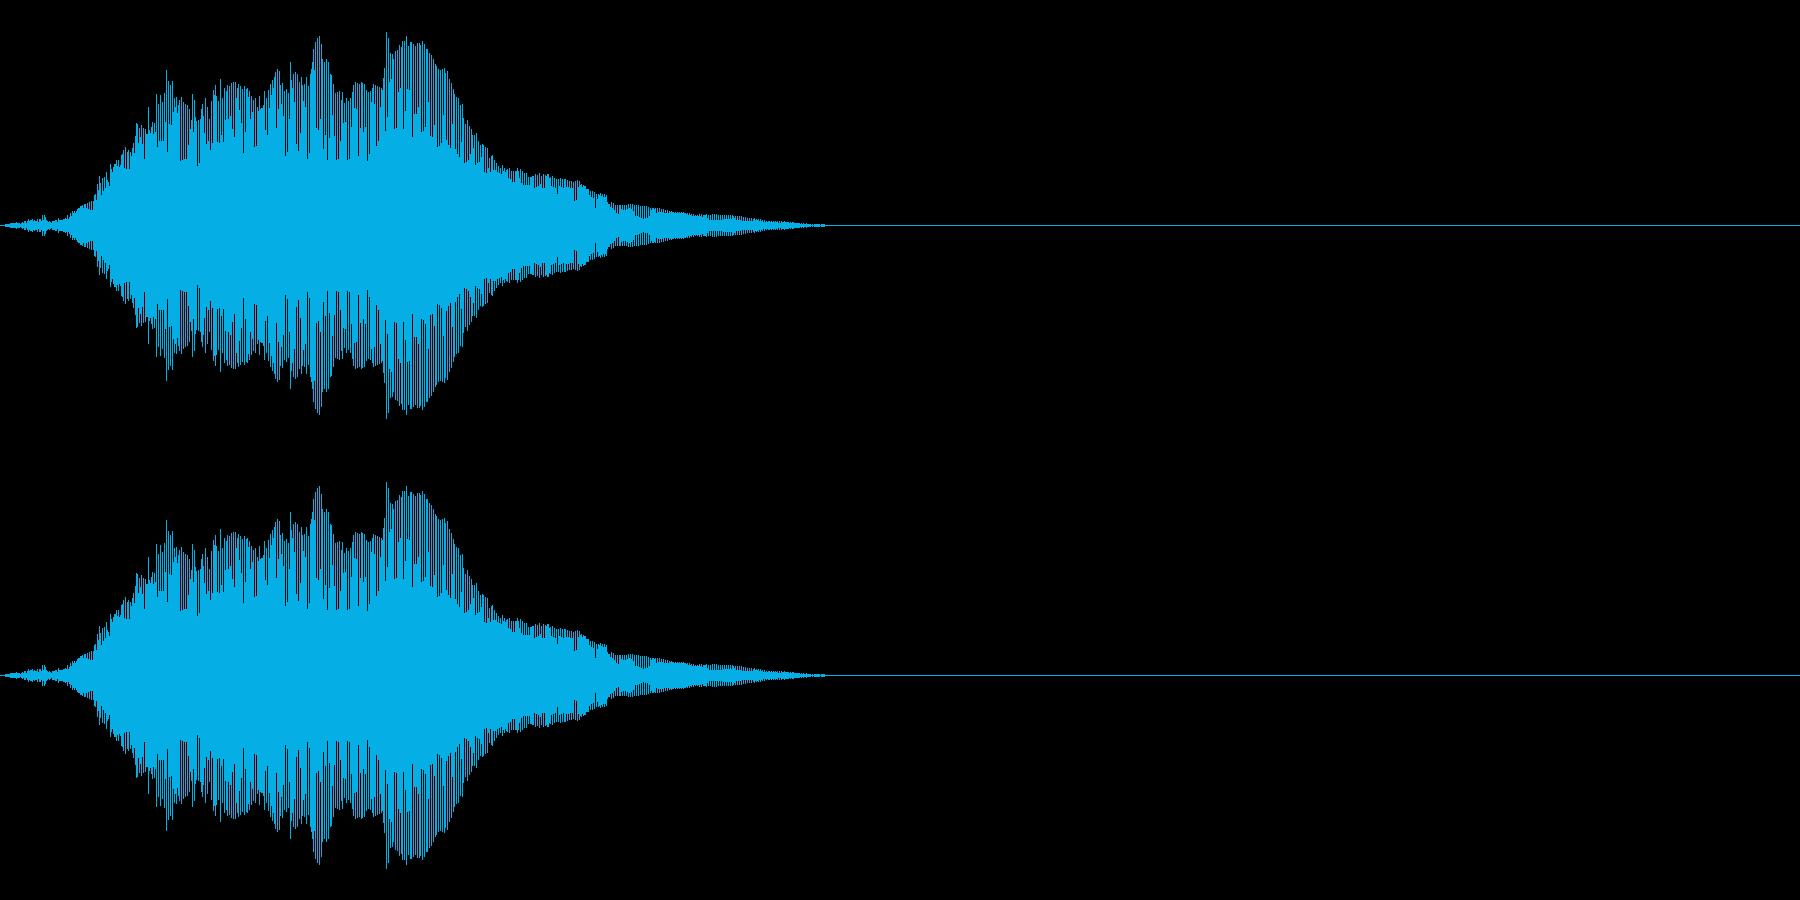 にゃーん(猫の鳴き声)パート01の再生済みの波形